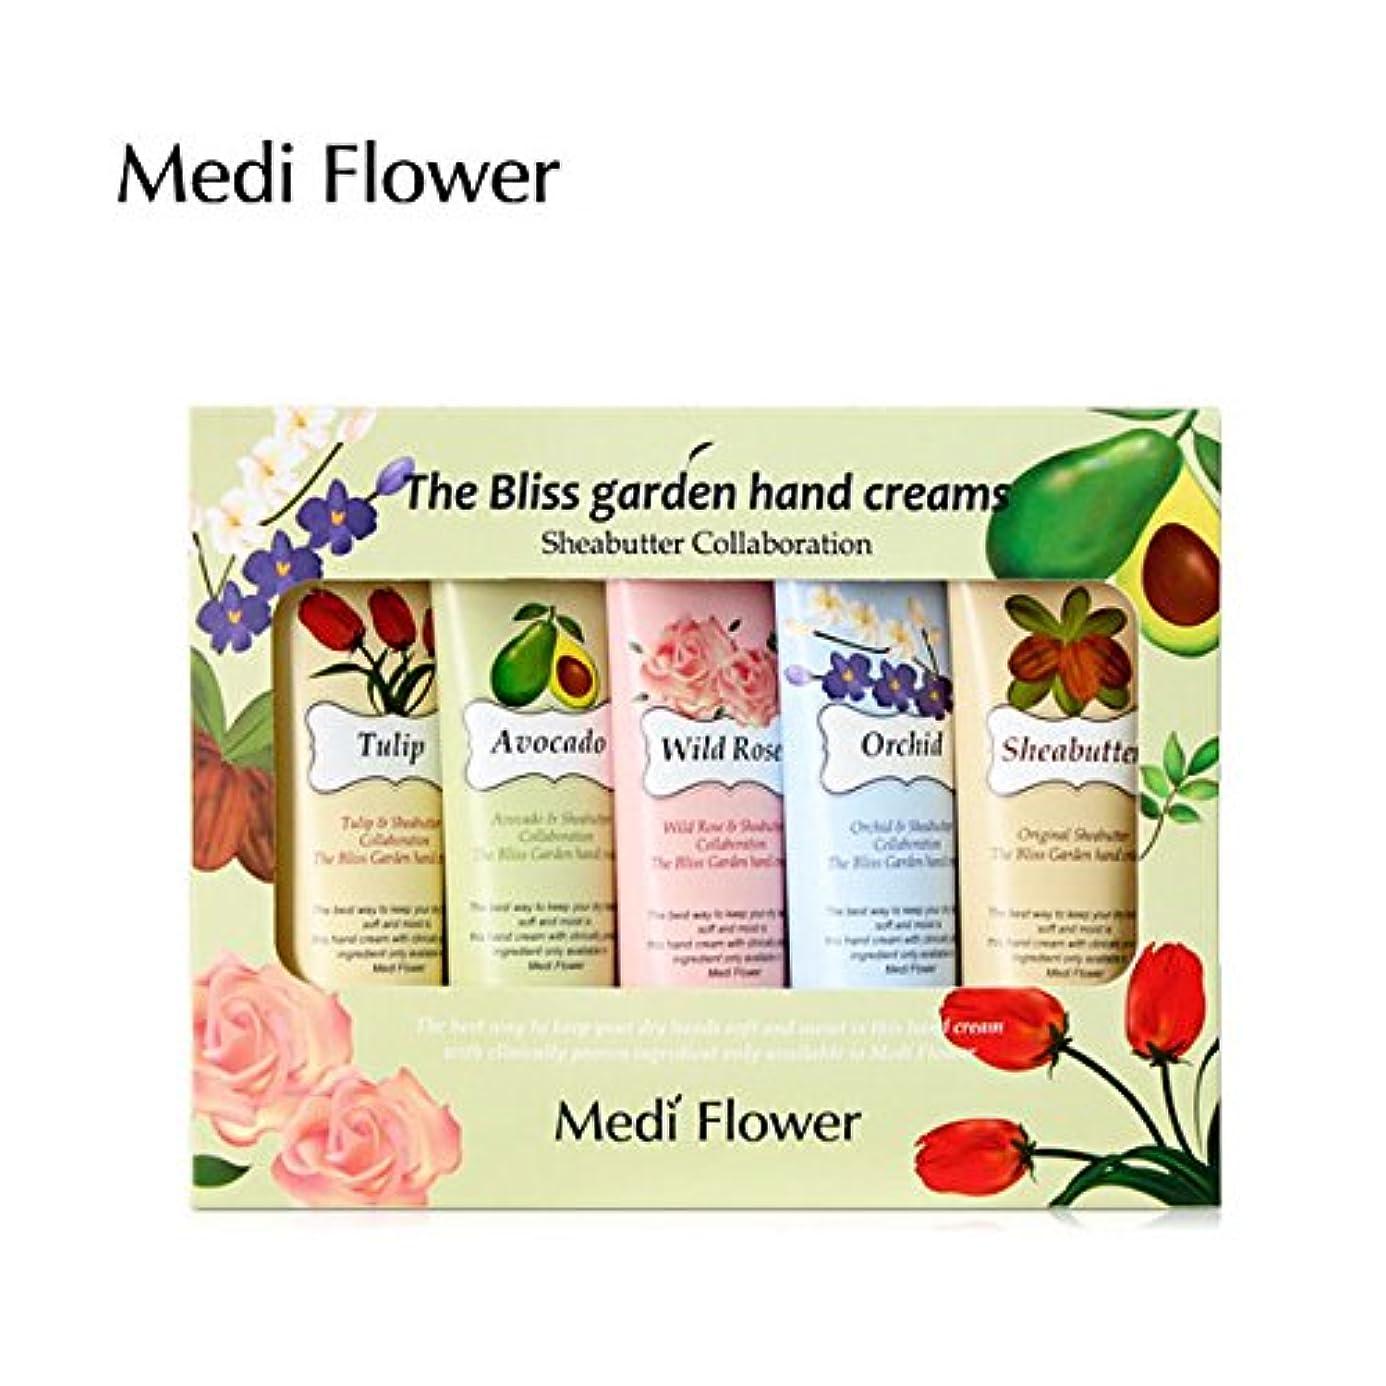 囲むヘビー部分的に[MediFlower] ザ?ブリスガーデン?ハンドクリーム?シアバターコラボレーション 50g x 5個セット / The Bliss Garden Hand Creams (Sheabutter Collaboration)